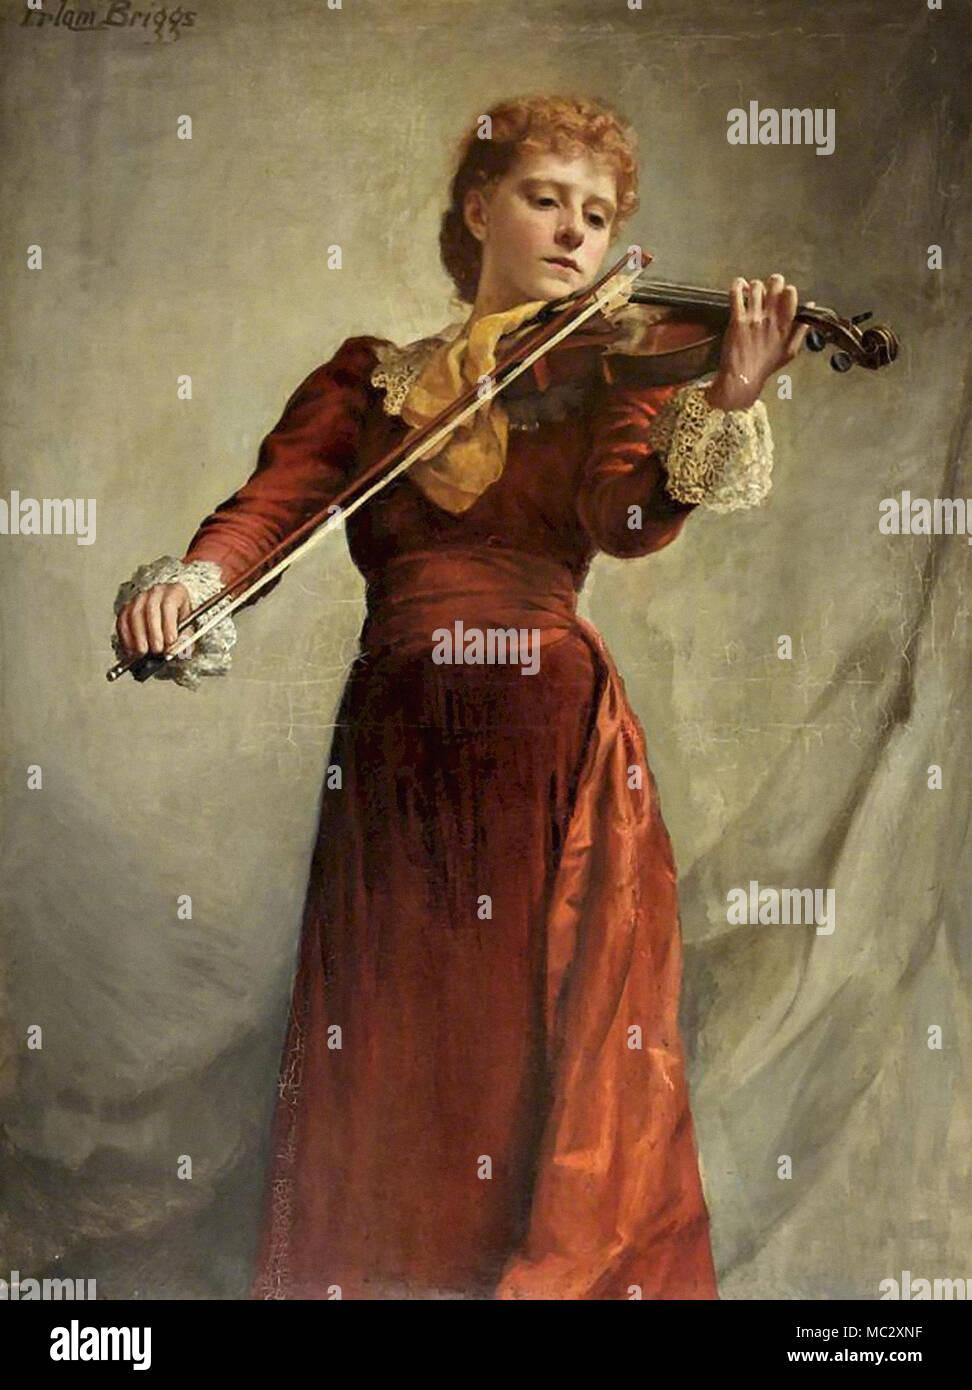 Briggs Emma Irlam - the Violinist - Stock Image